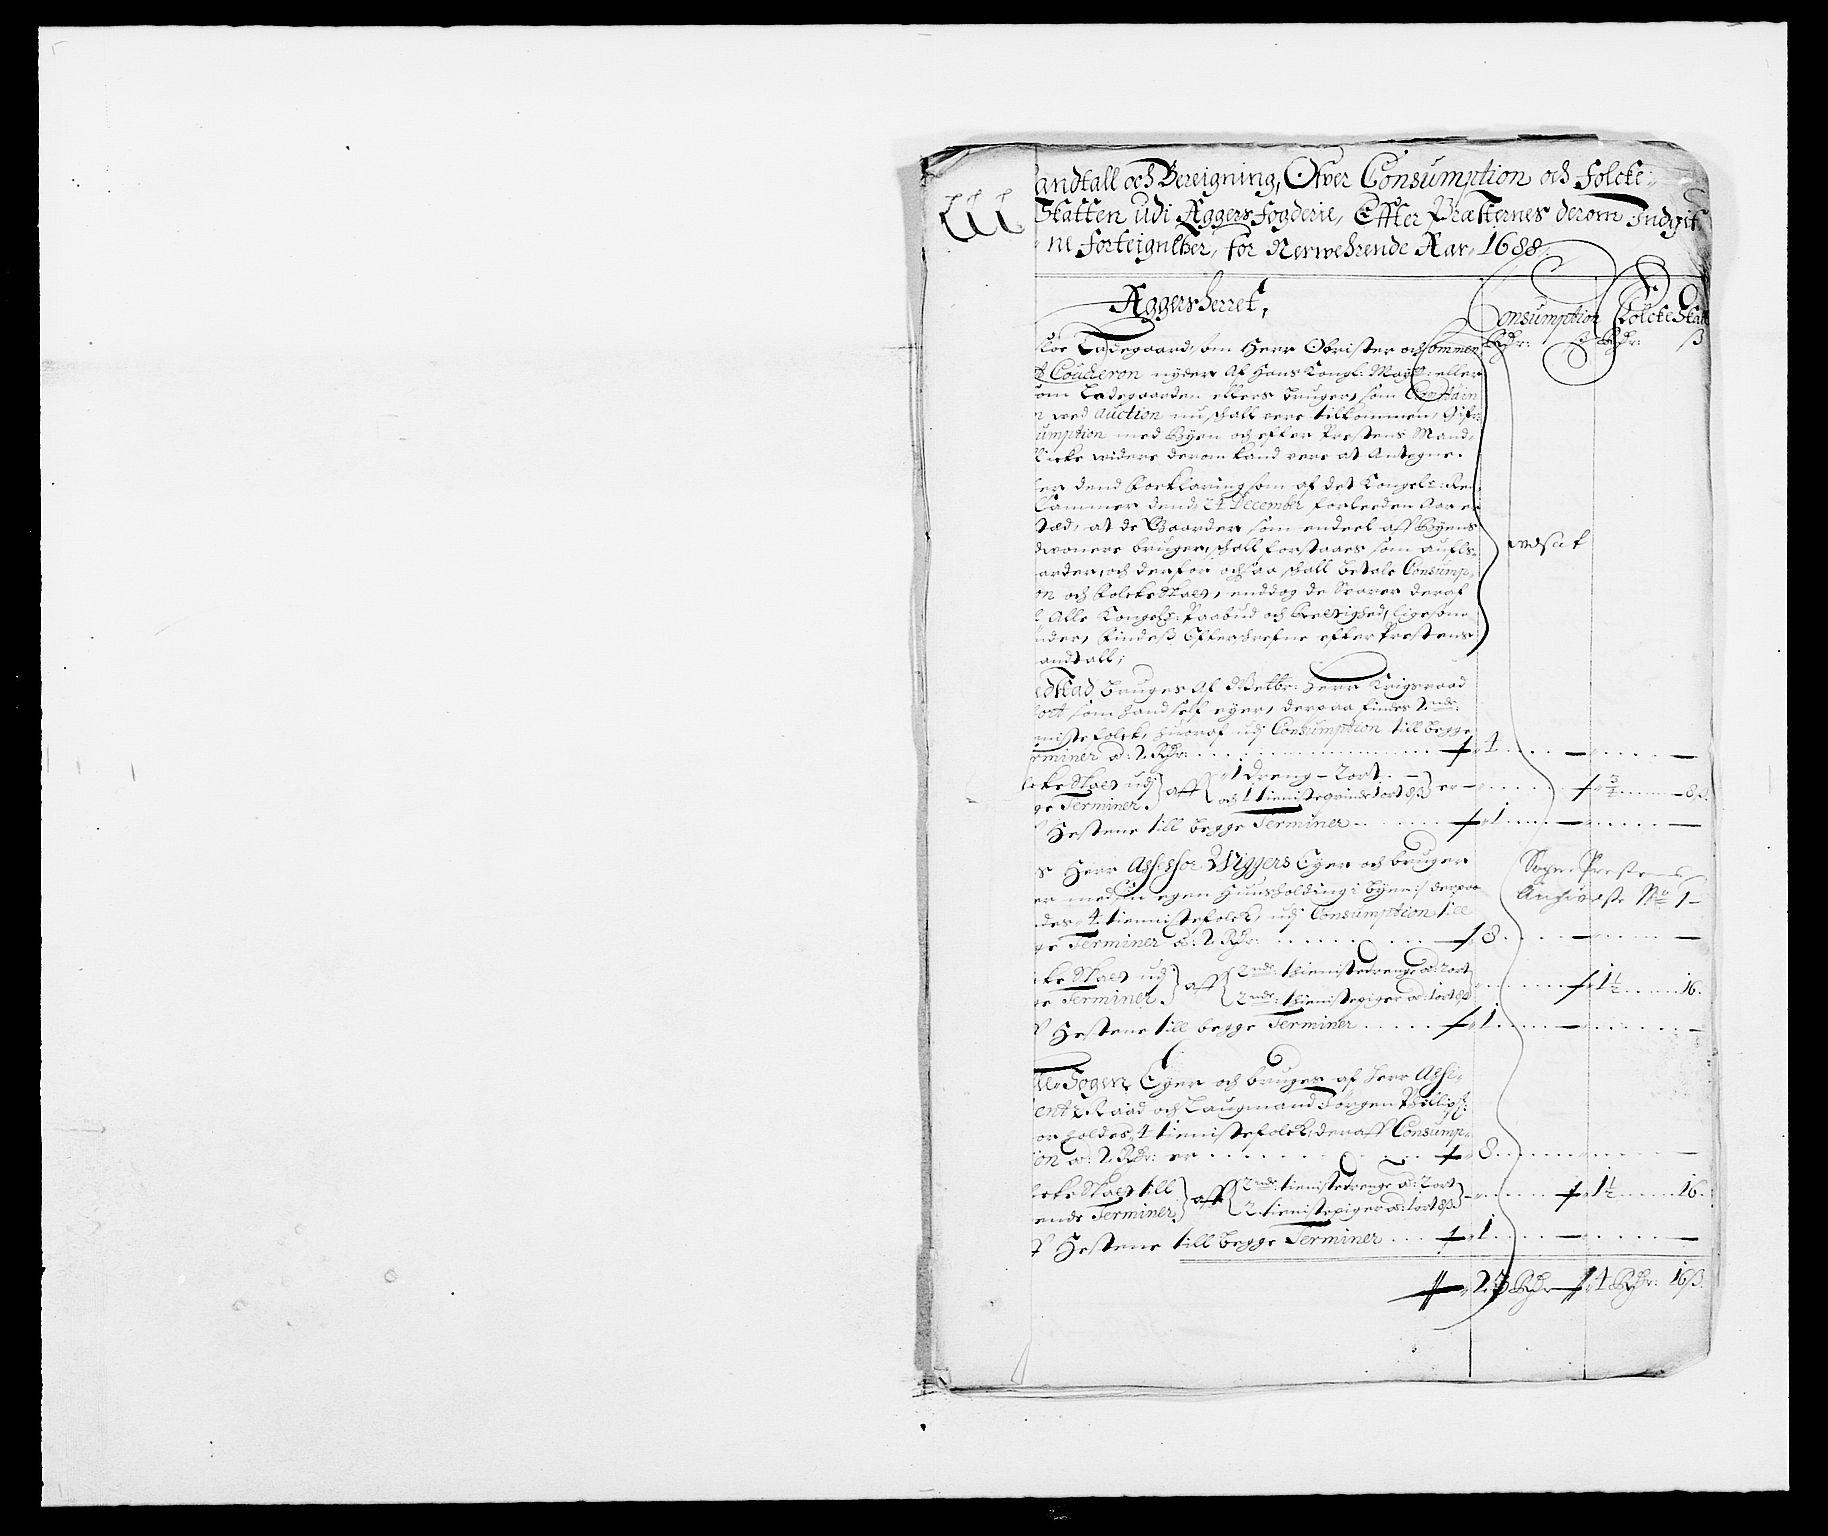 RA, Rentekammeret inntil 1814, Reviderte regnskaper, Fogderegnskap, R08/L0422: Fogderegnskap Aker, 1684-1686, s. 351